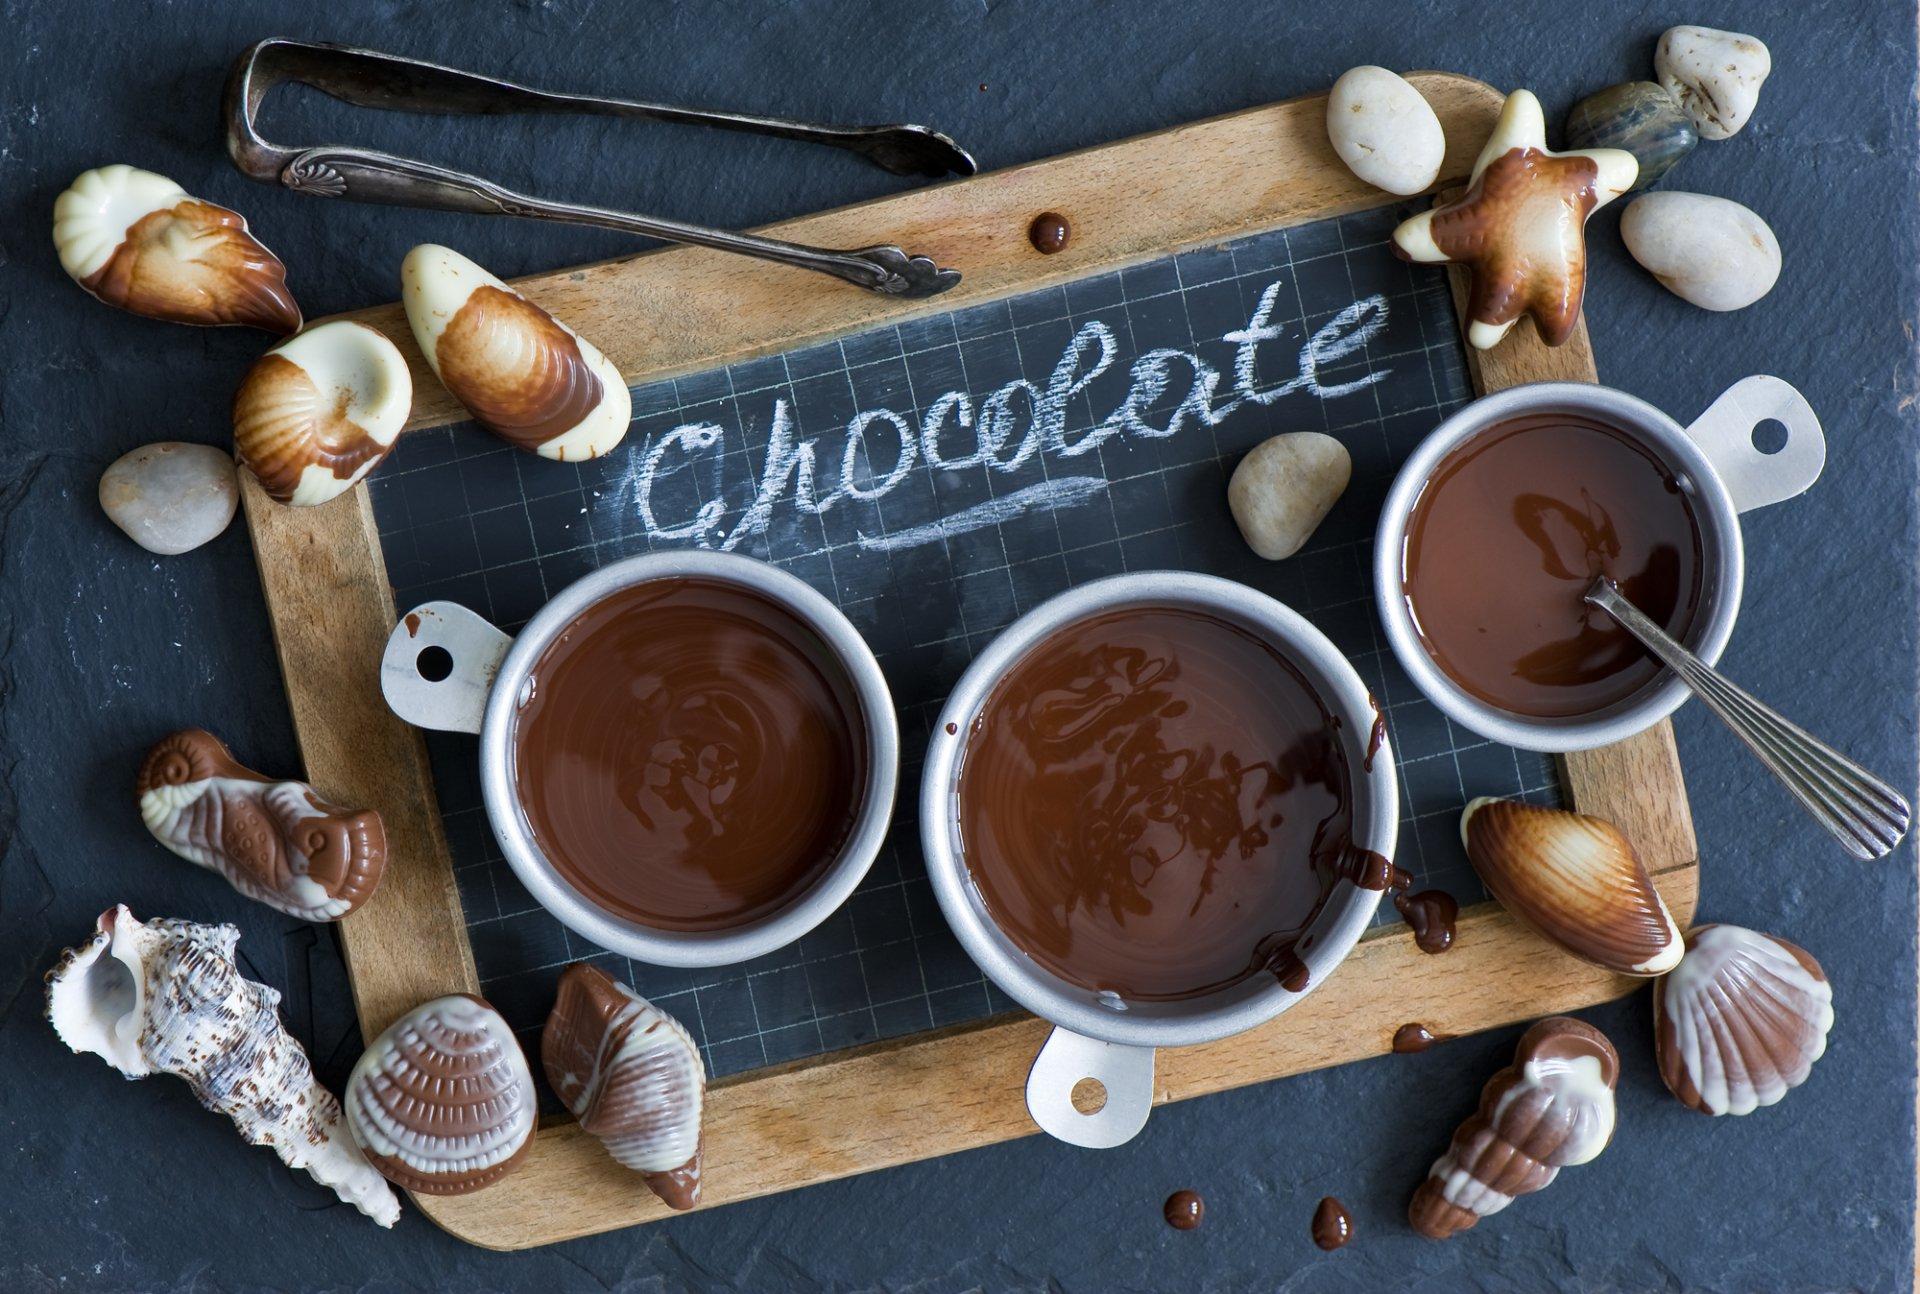 Fondos De Pantalla De Chocolates: Chocolate Fondo De Pantalla HD